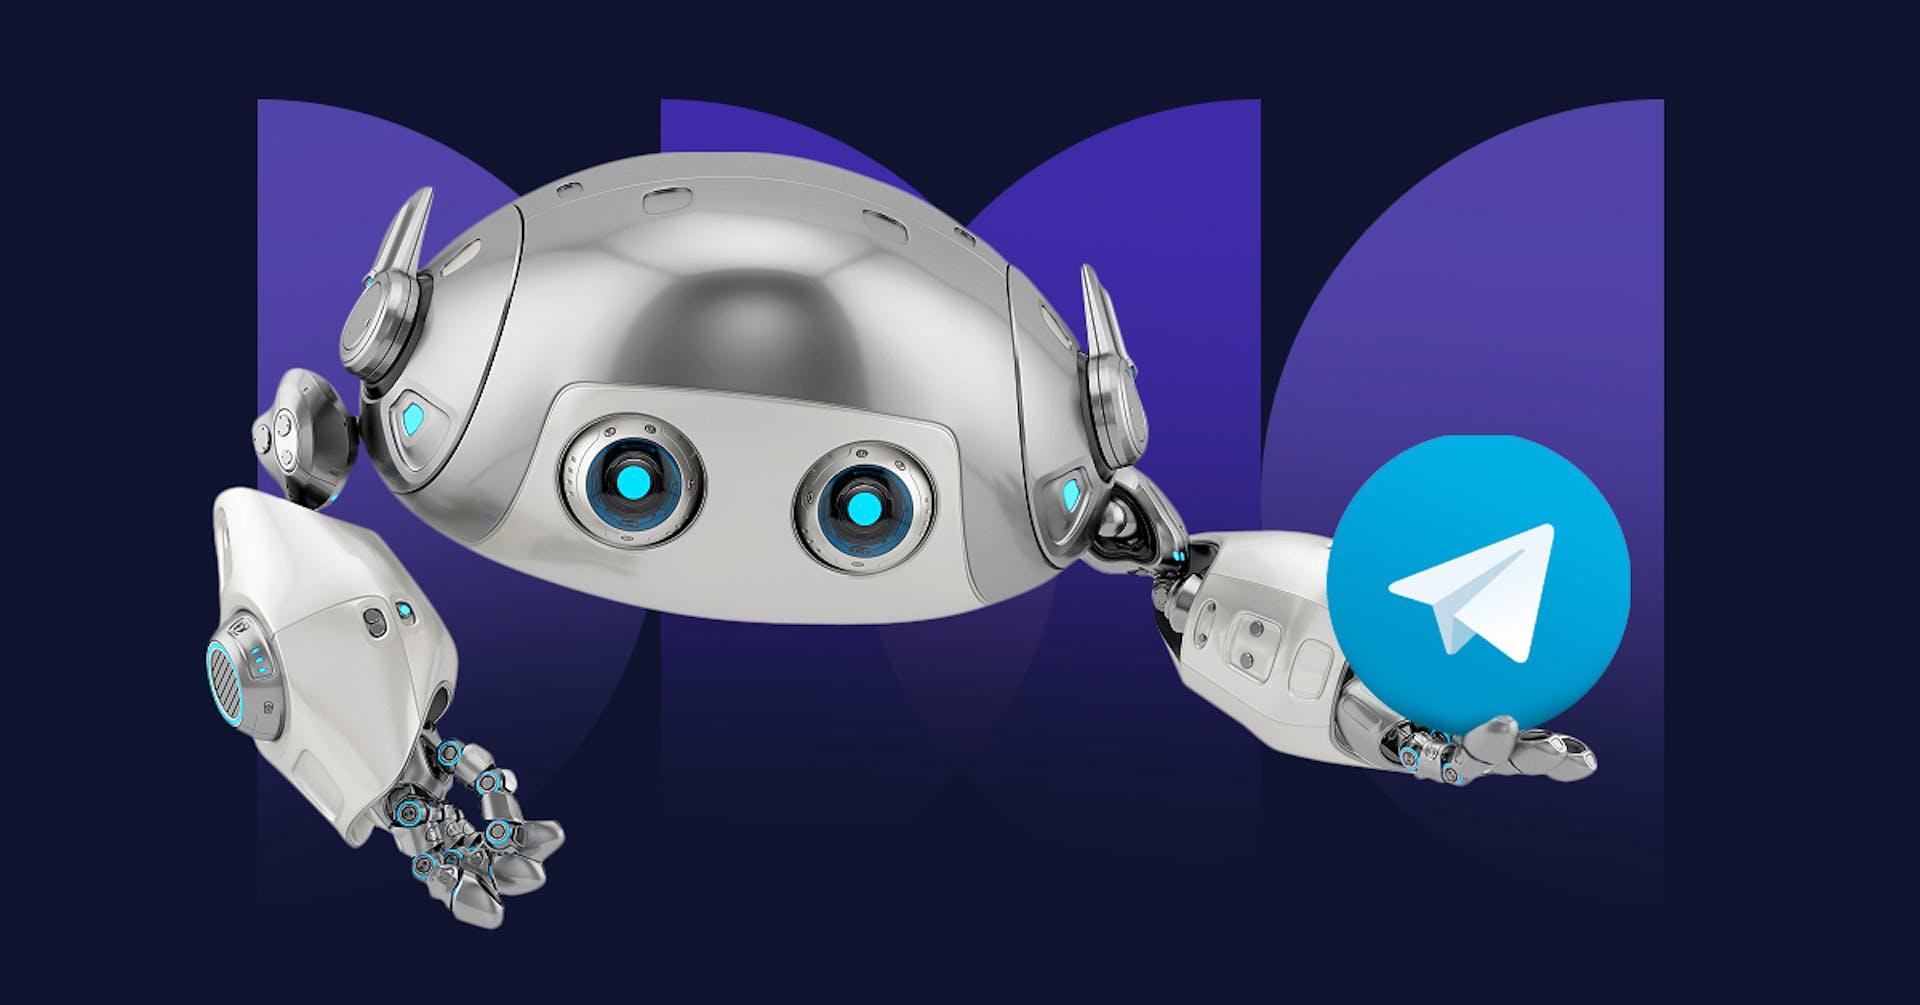 25 Bots de Telegram para que te diviertas y te olvides de WhatsApp